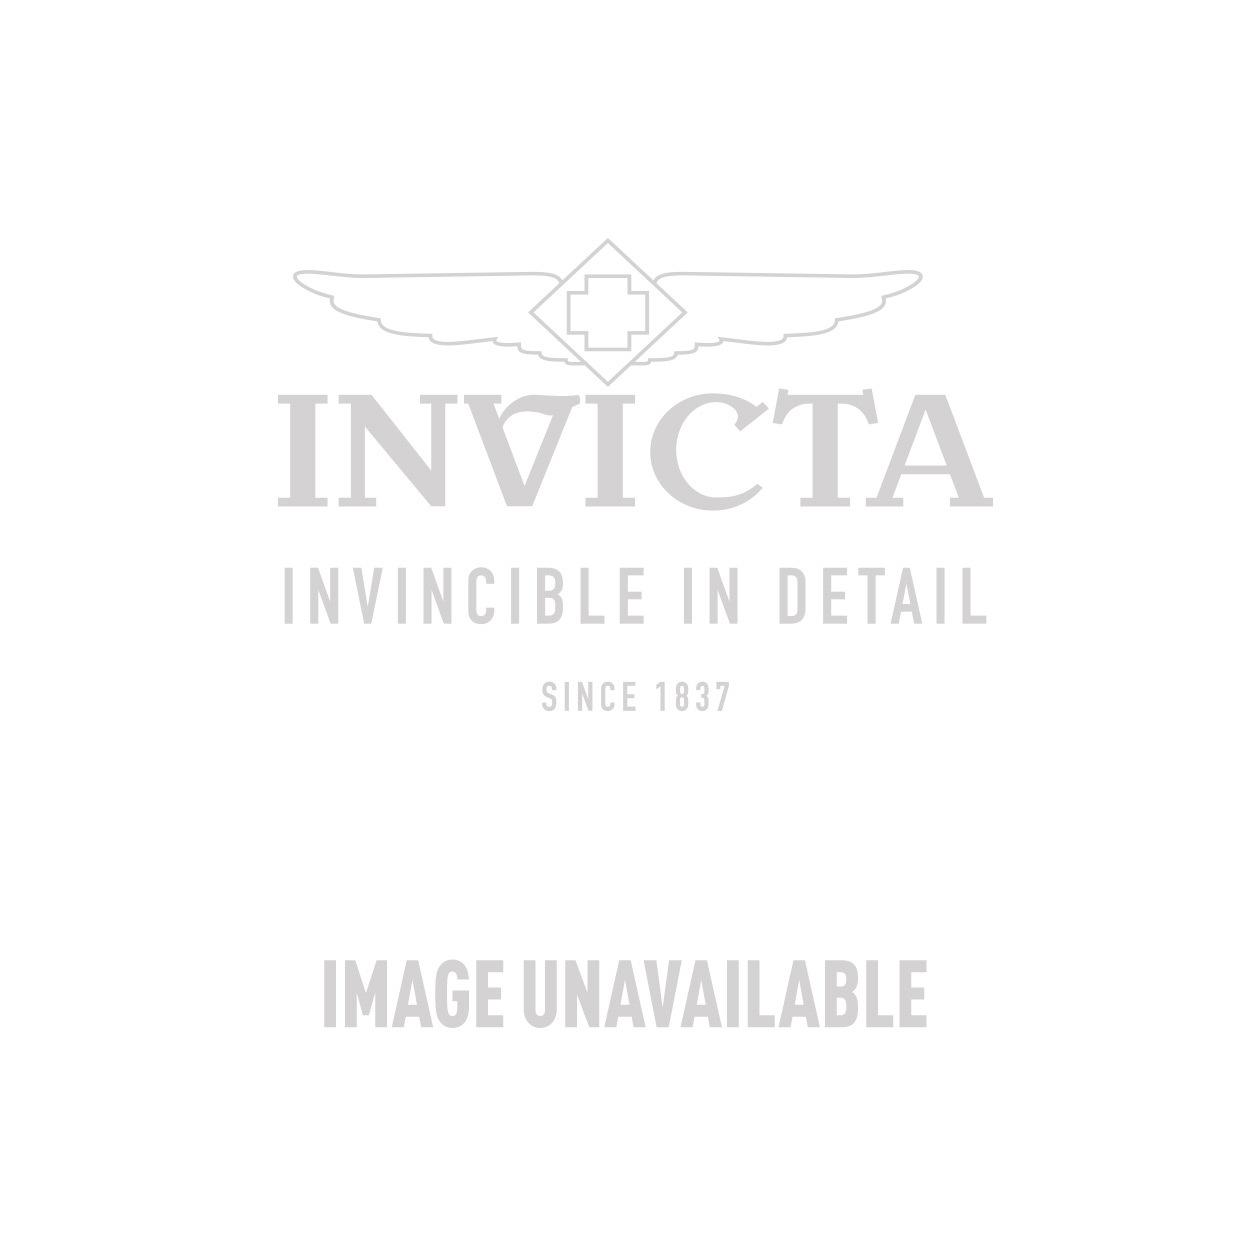 Invicta Model 28087